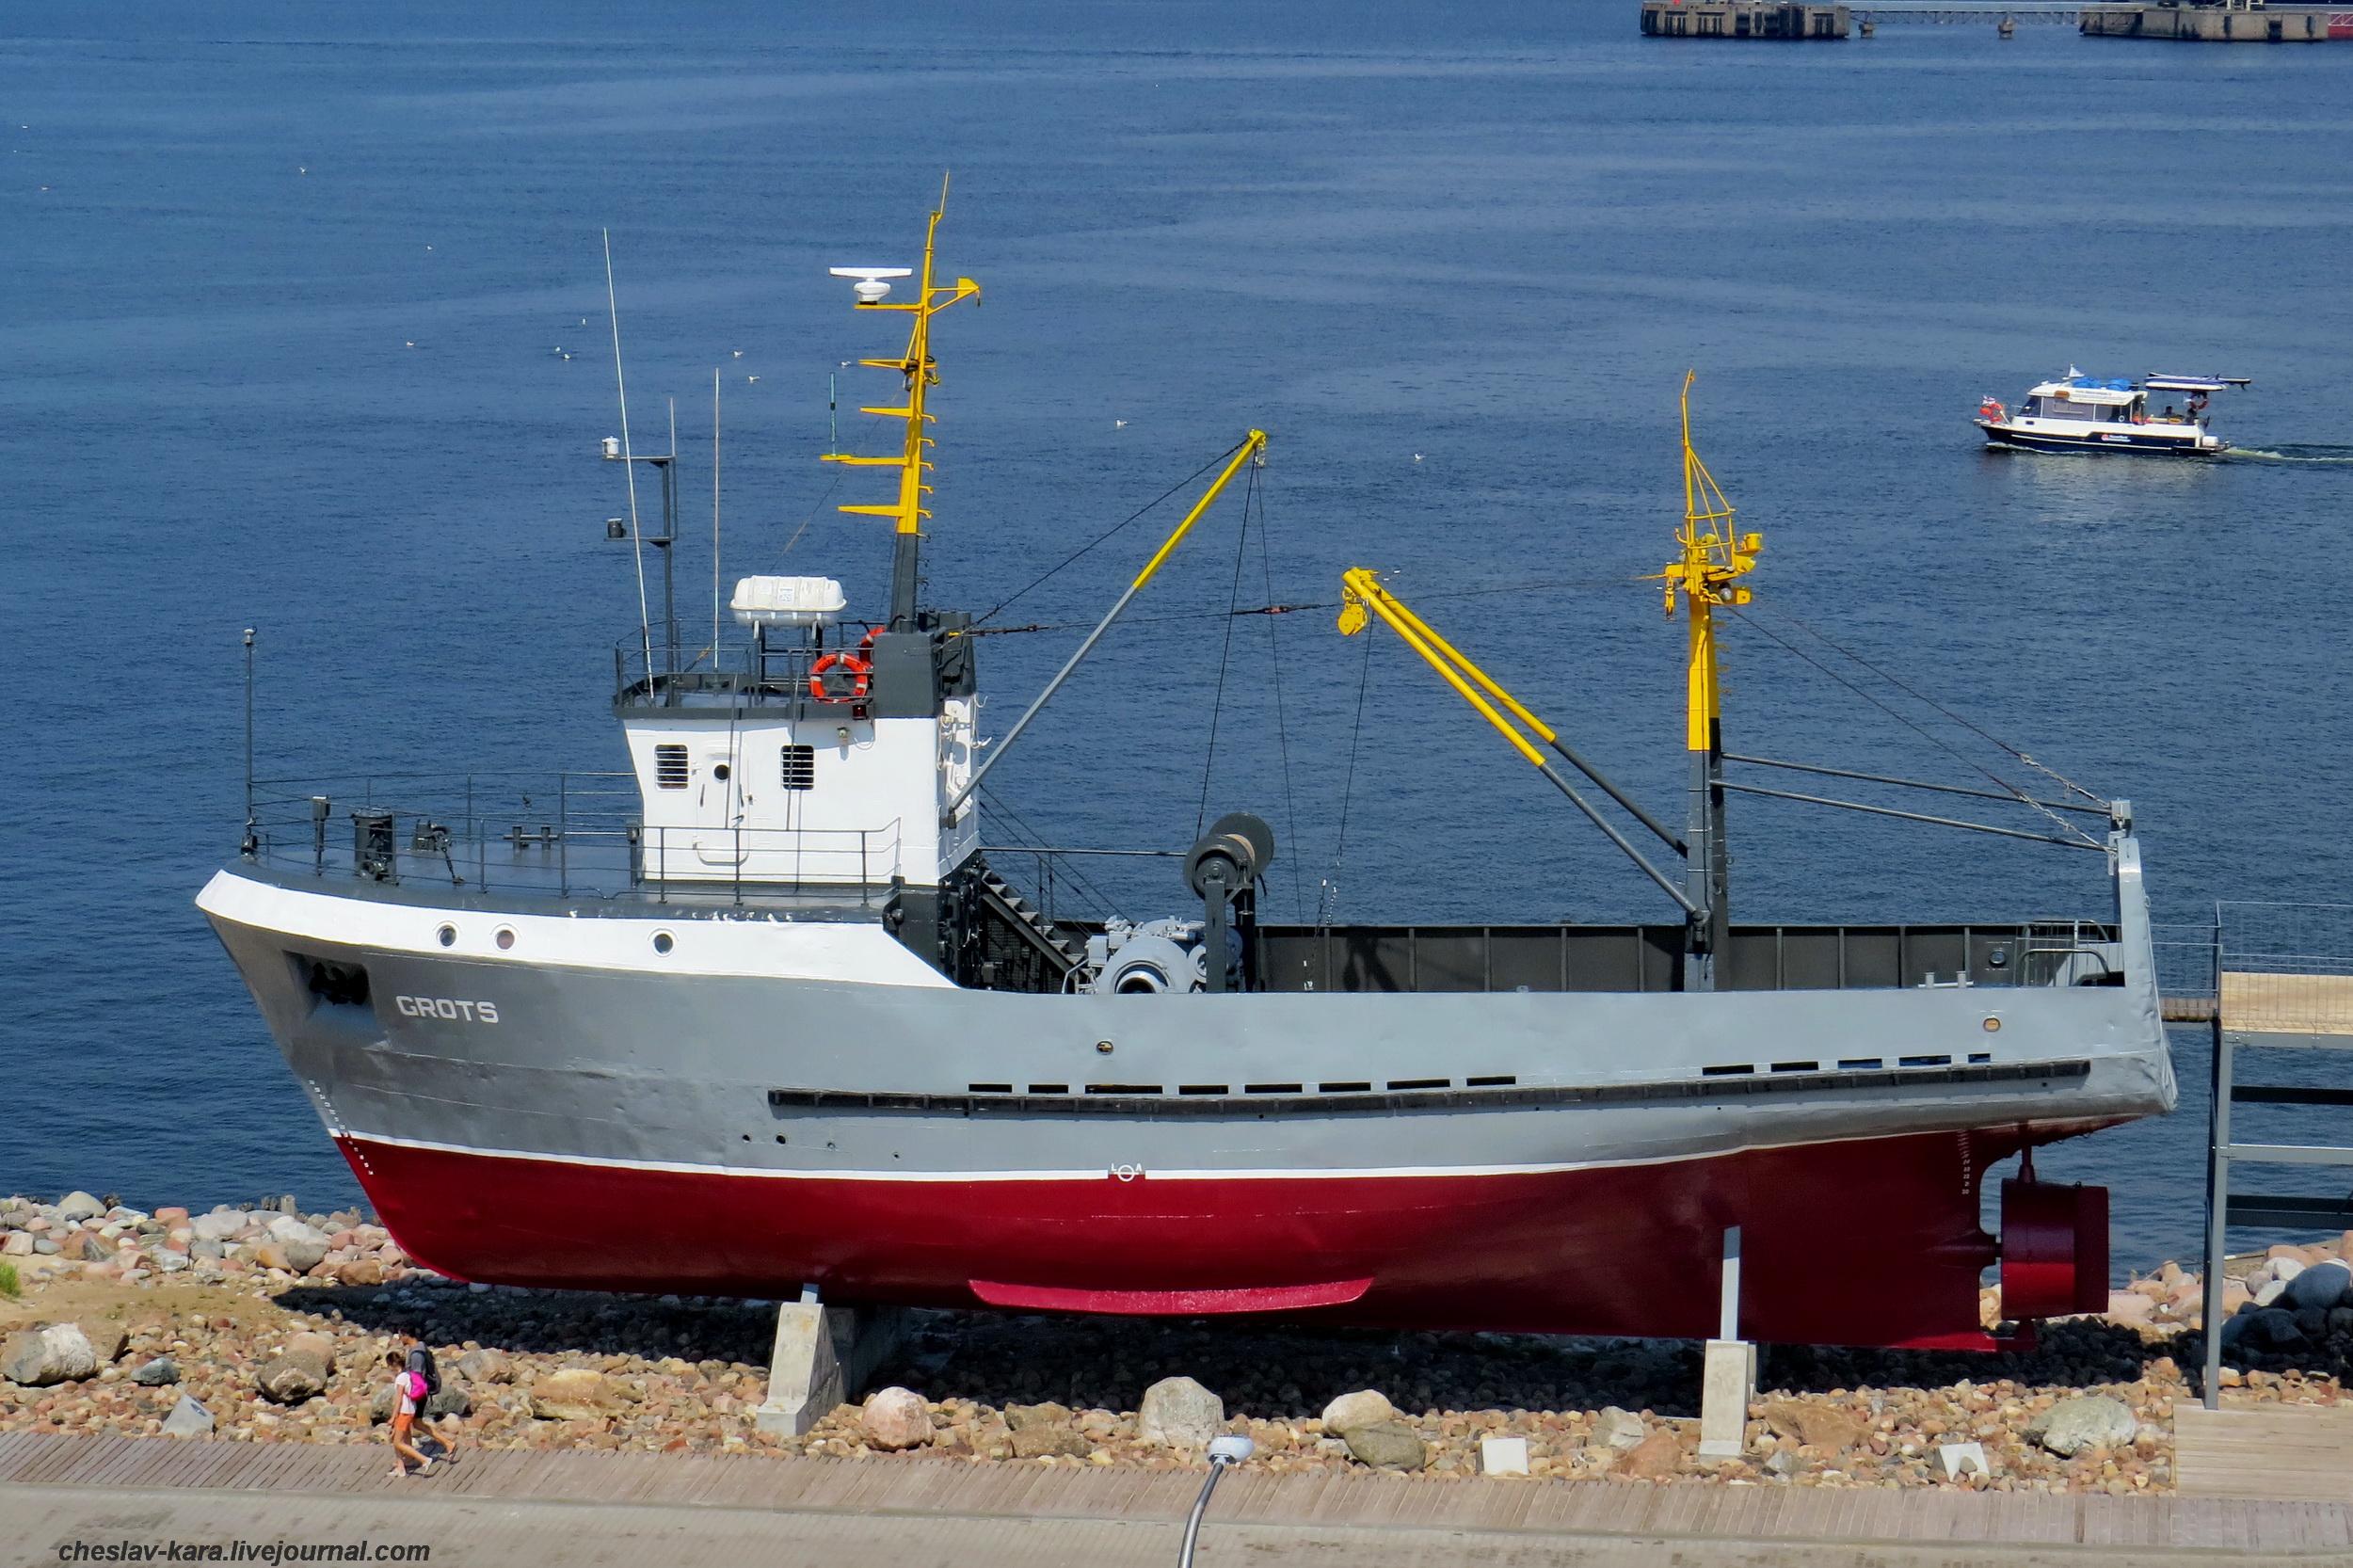 предлагаю использовать разновидность рыболовных судов в картинках меня вот так